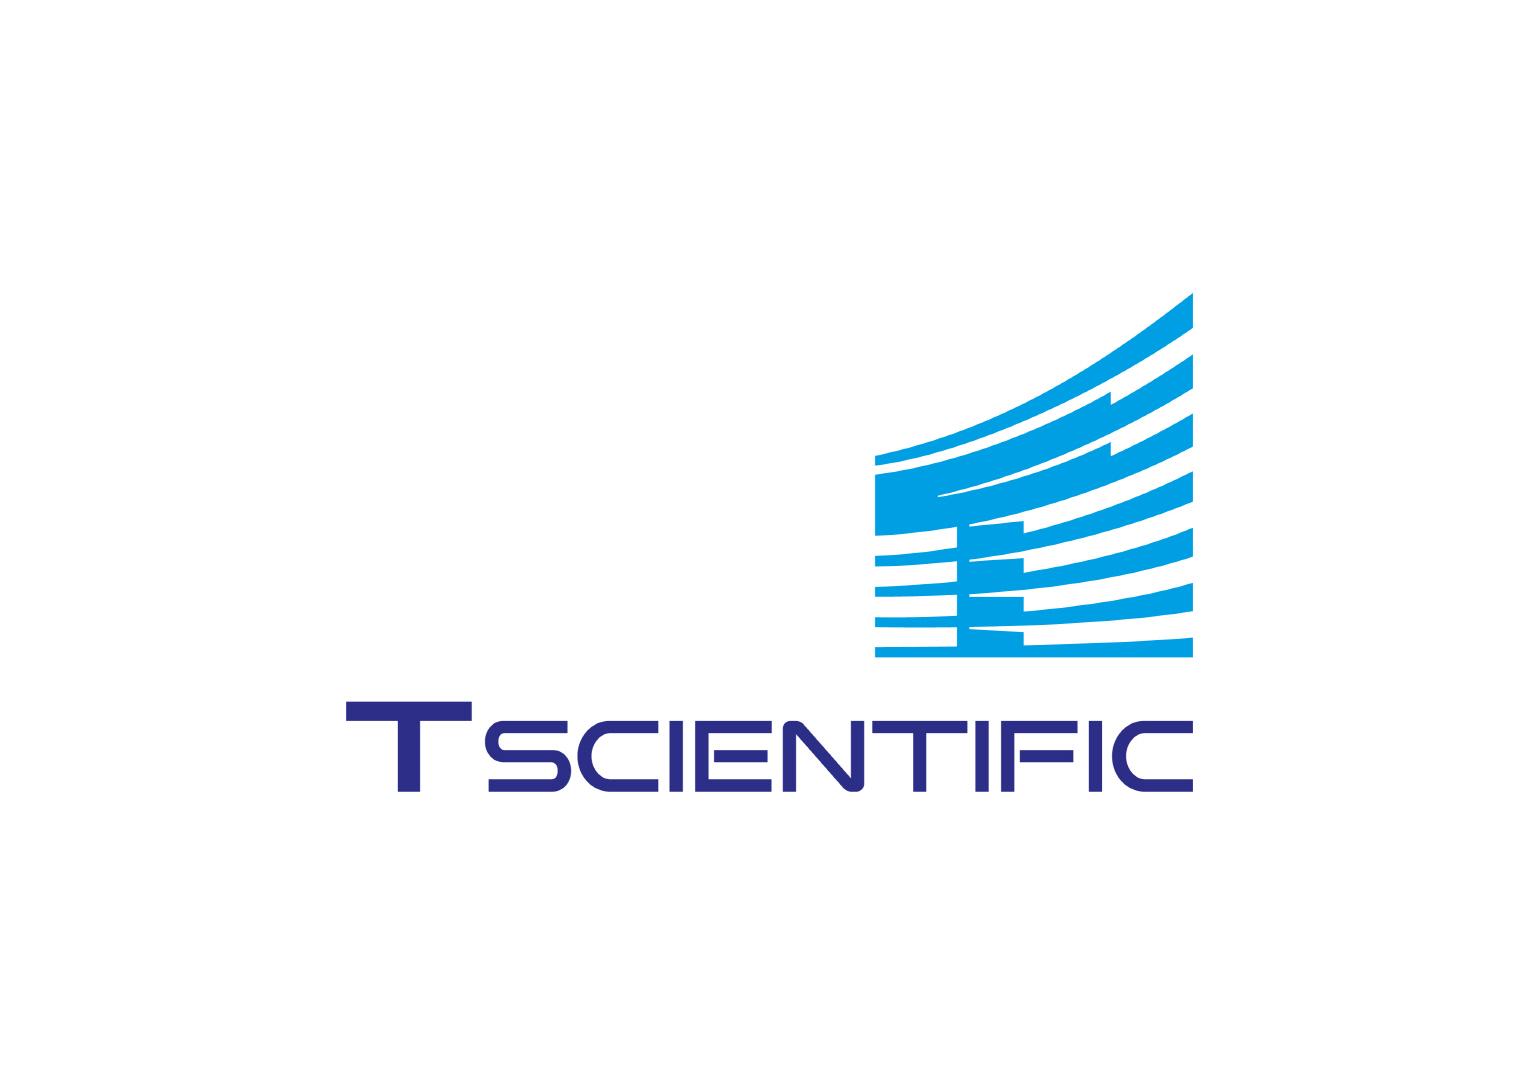 제이에스아이코리아의 계열사 (주)티사이언티픽의 로고